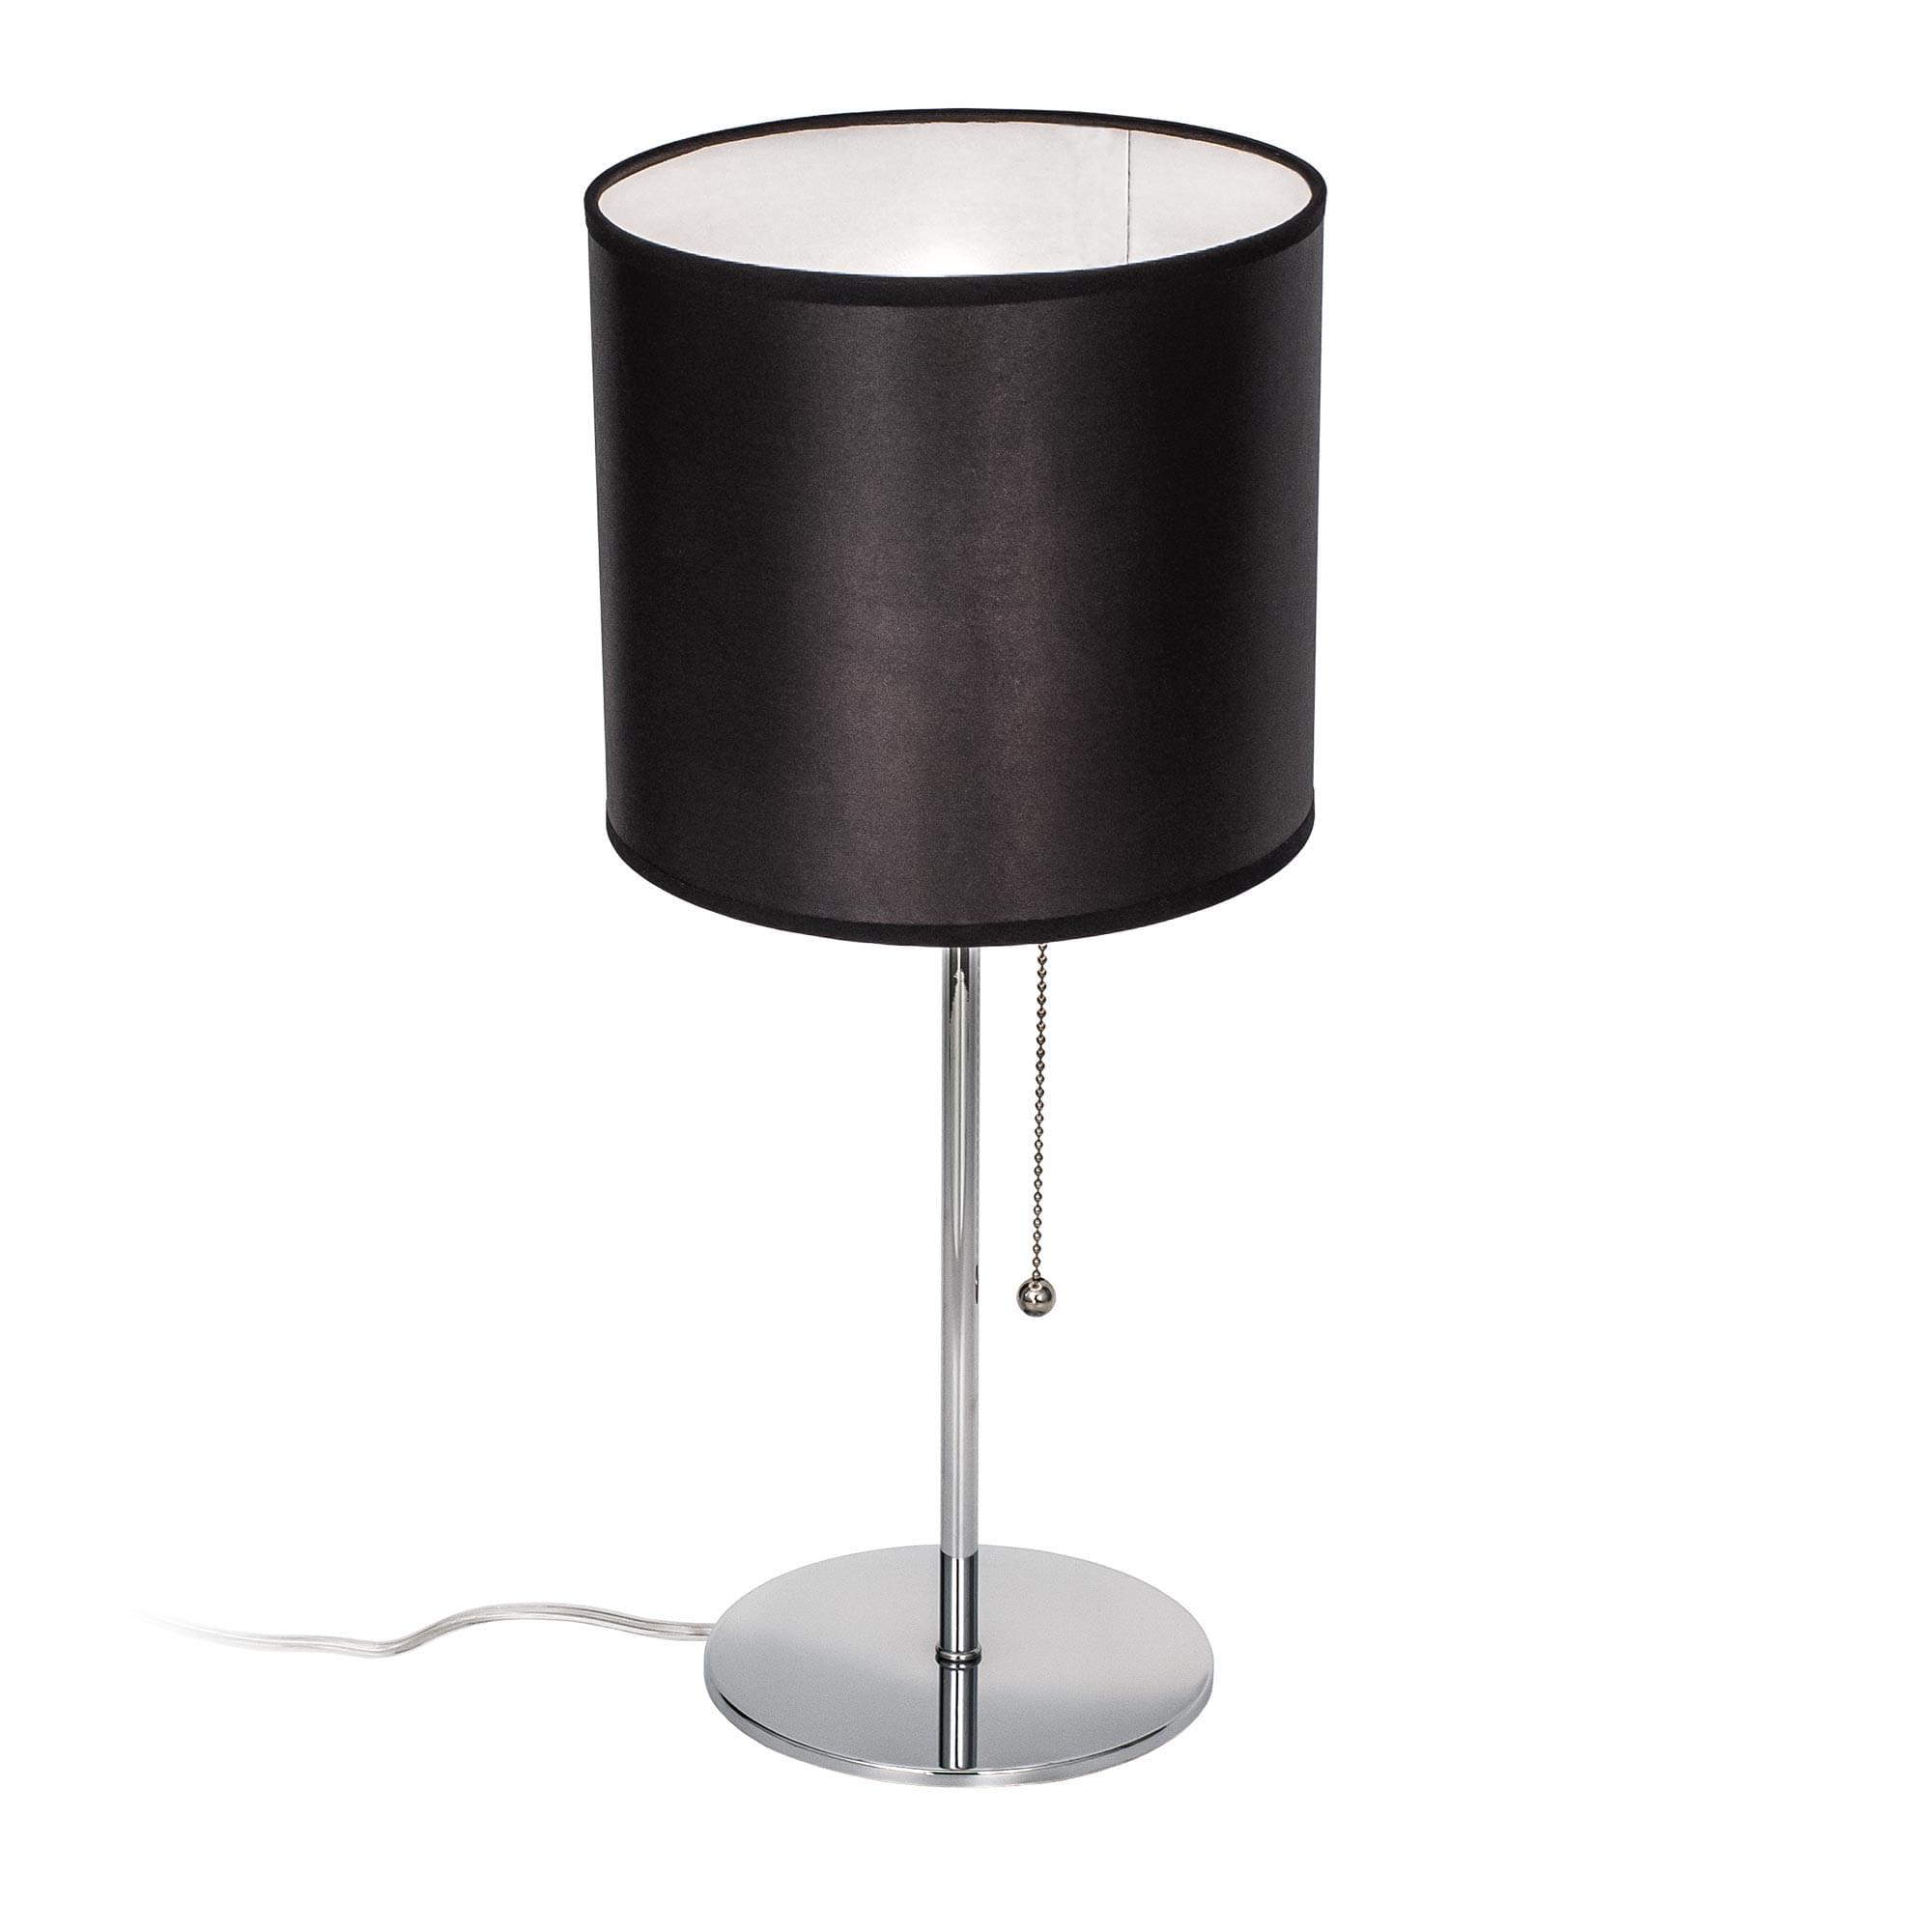 Фото - Лампа настольная Citilux cl463811 аврора черная настольная лампа citilux 913 cl913811 75 вт